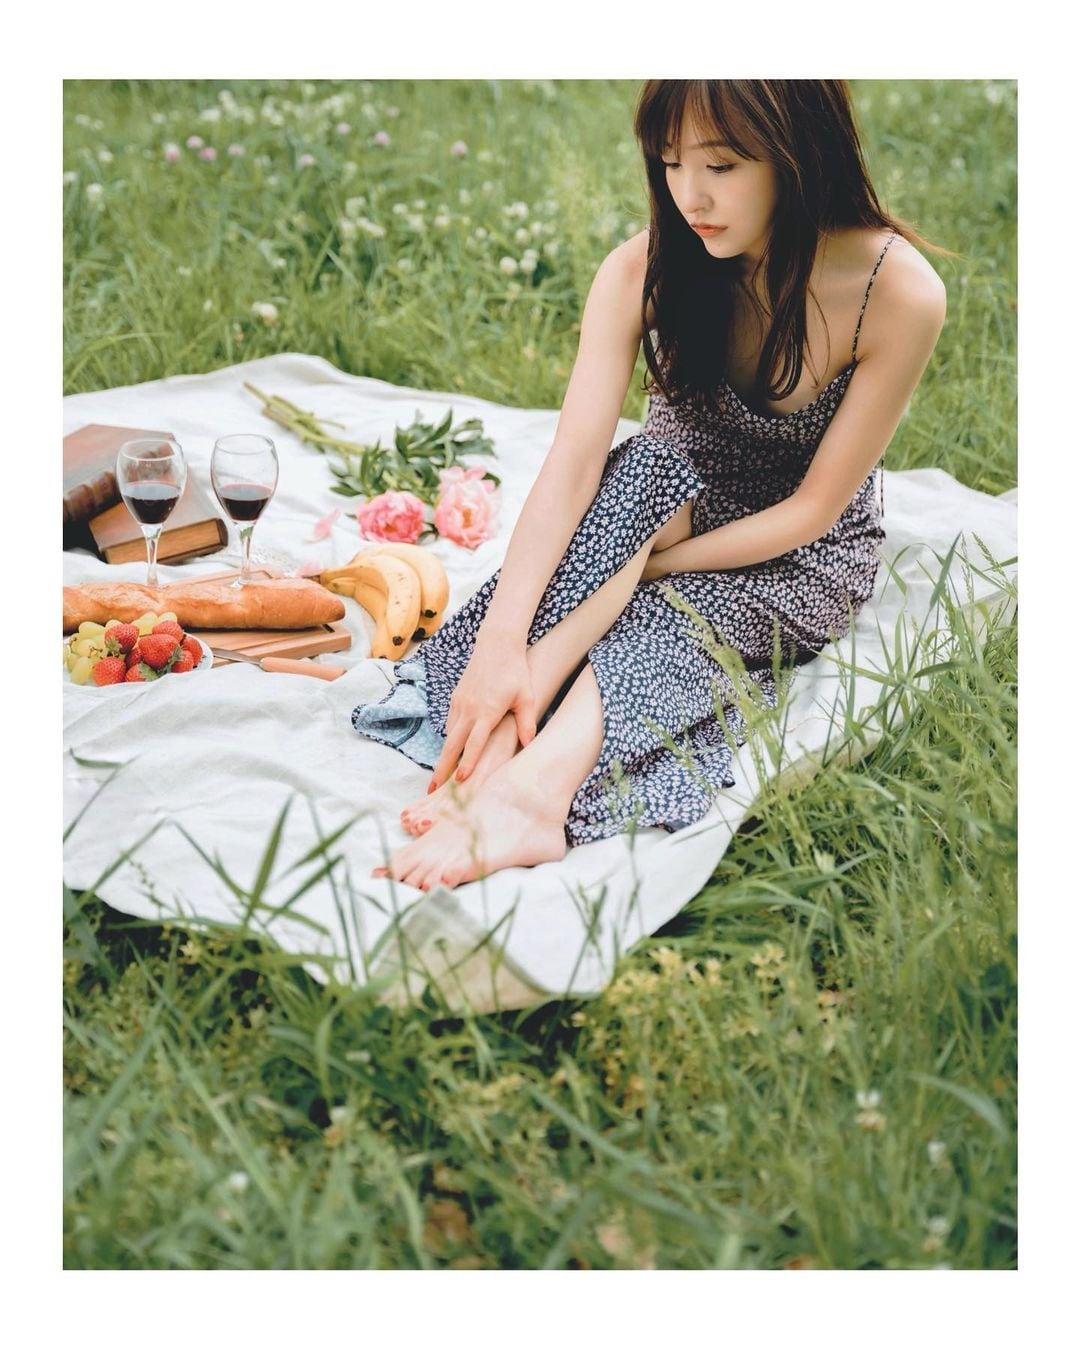 板野友美「胸元セクシーなキャミワンピ」ピクニックの様子を公開【画像4枚】の画像004